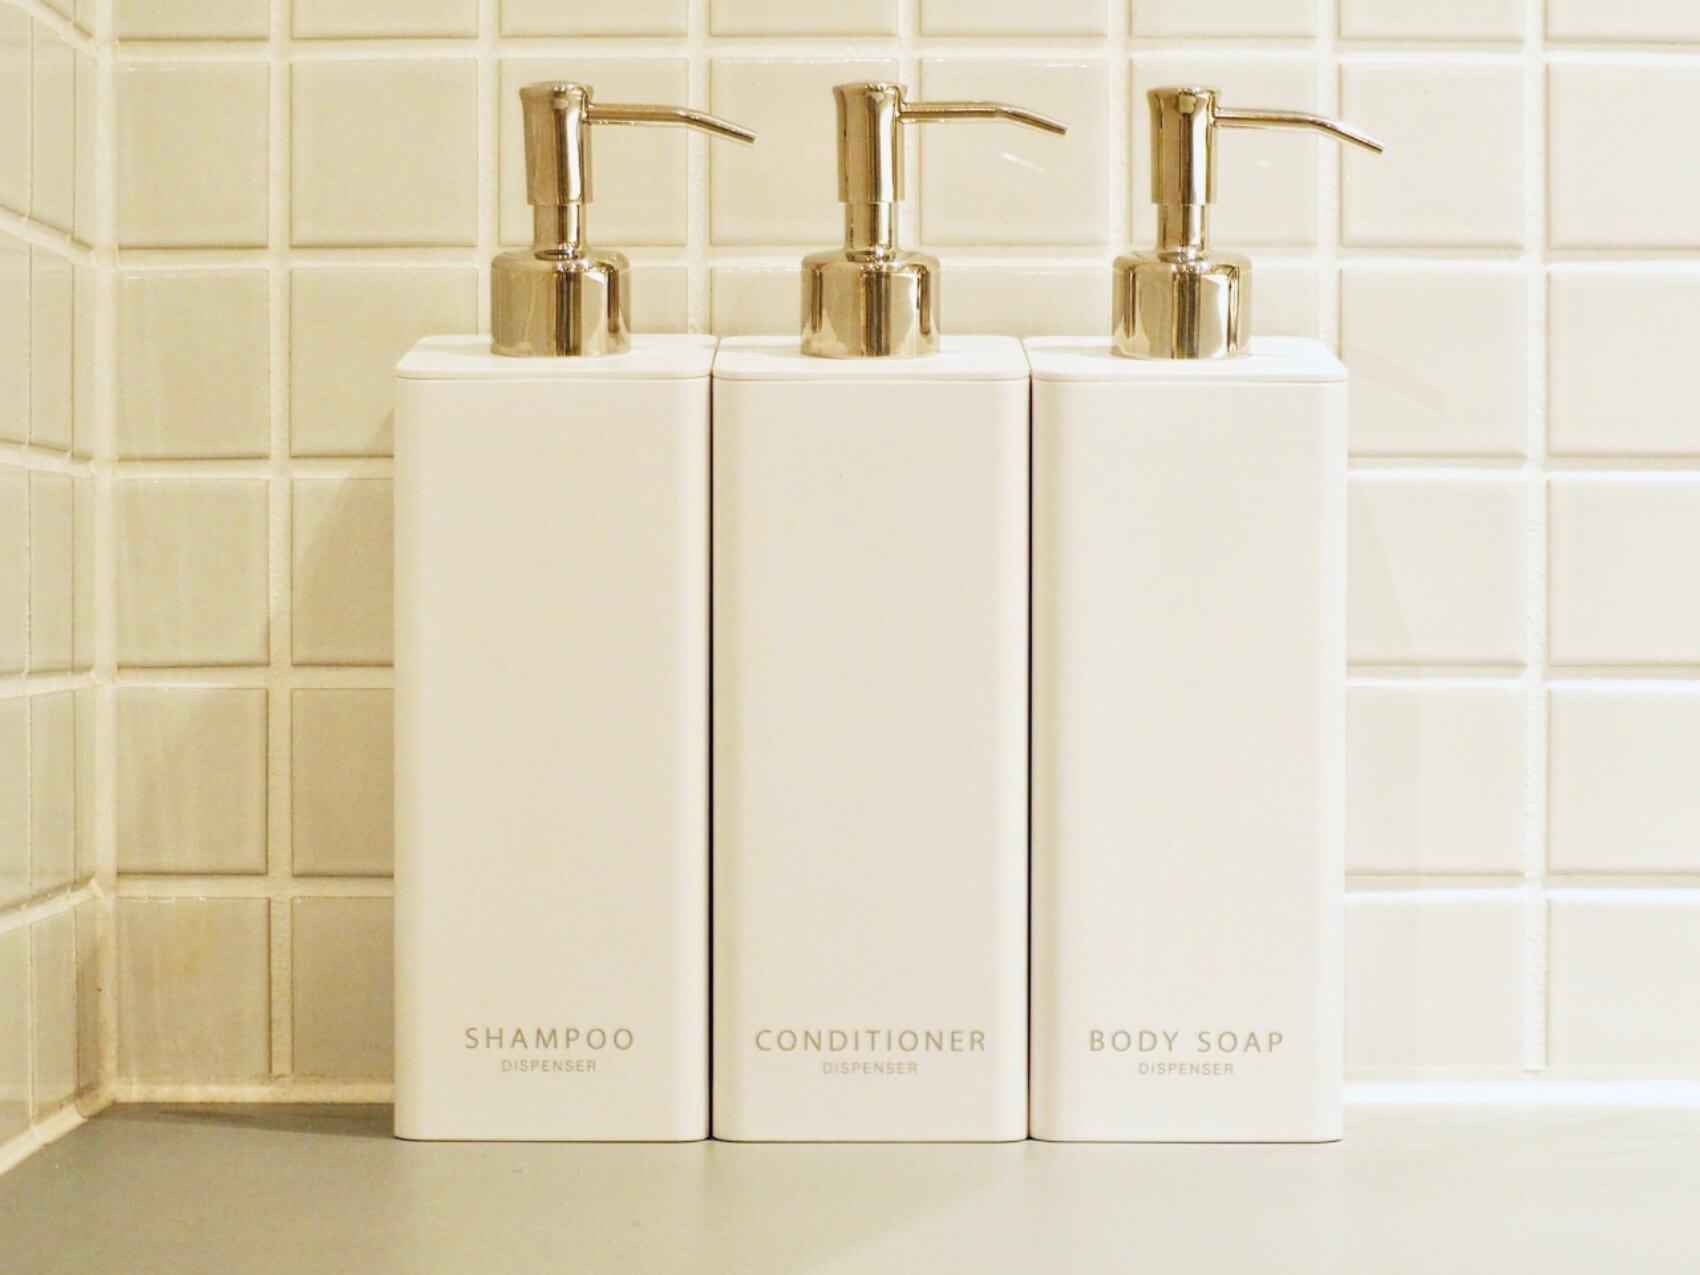 シャンプー用/コンディショナー用/ボディーソープ用の3種類展開。400ml以内の詰め替え用パックもしっかり入る容量ですが、3本並べても横幅21cmと、浴室をすっきり保ってくれます。